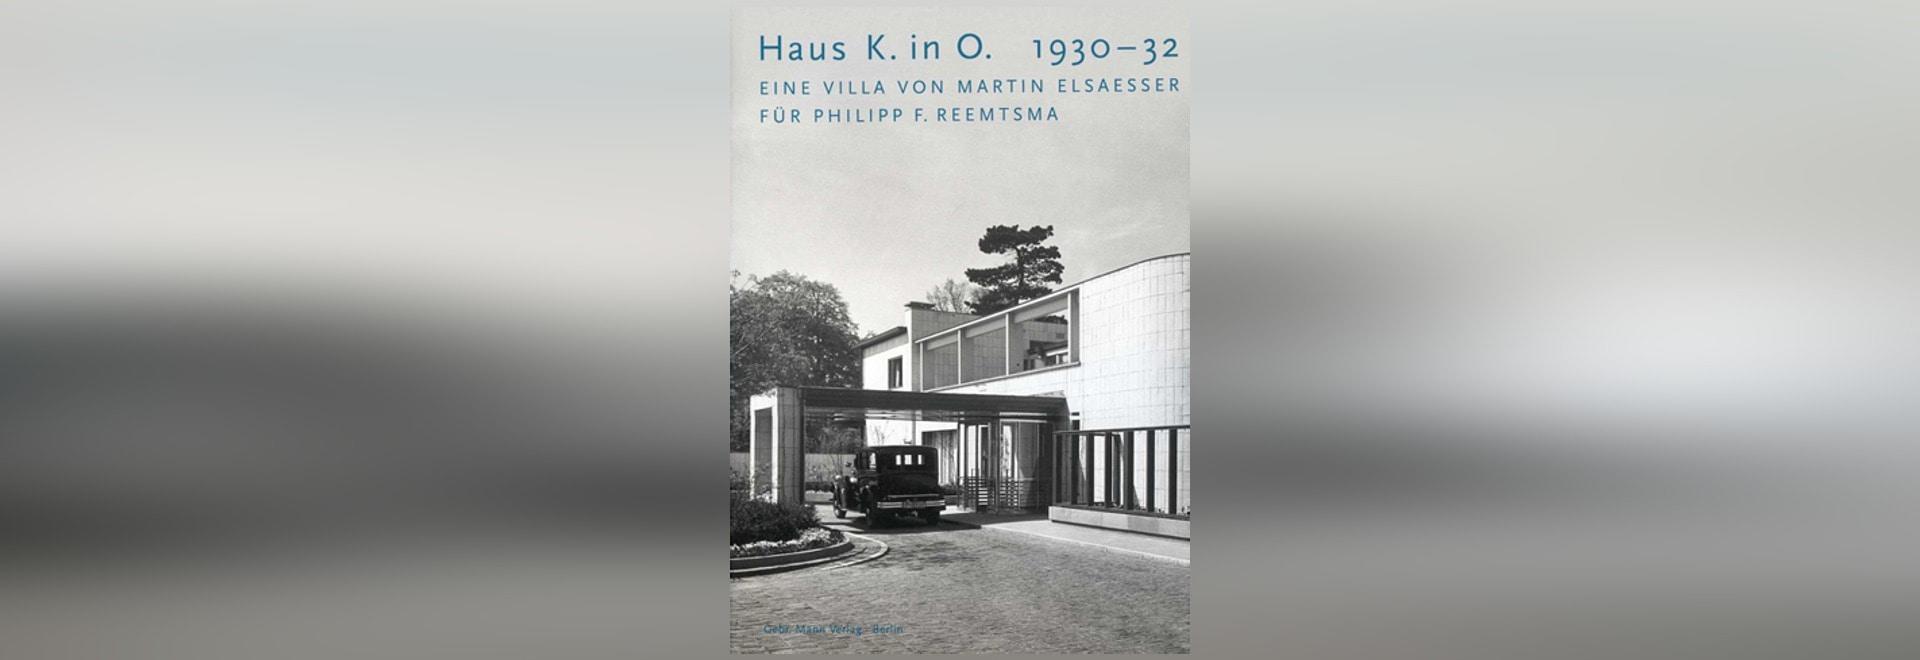 Haus K. in O. (House K. in O.)